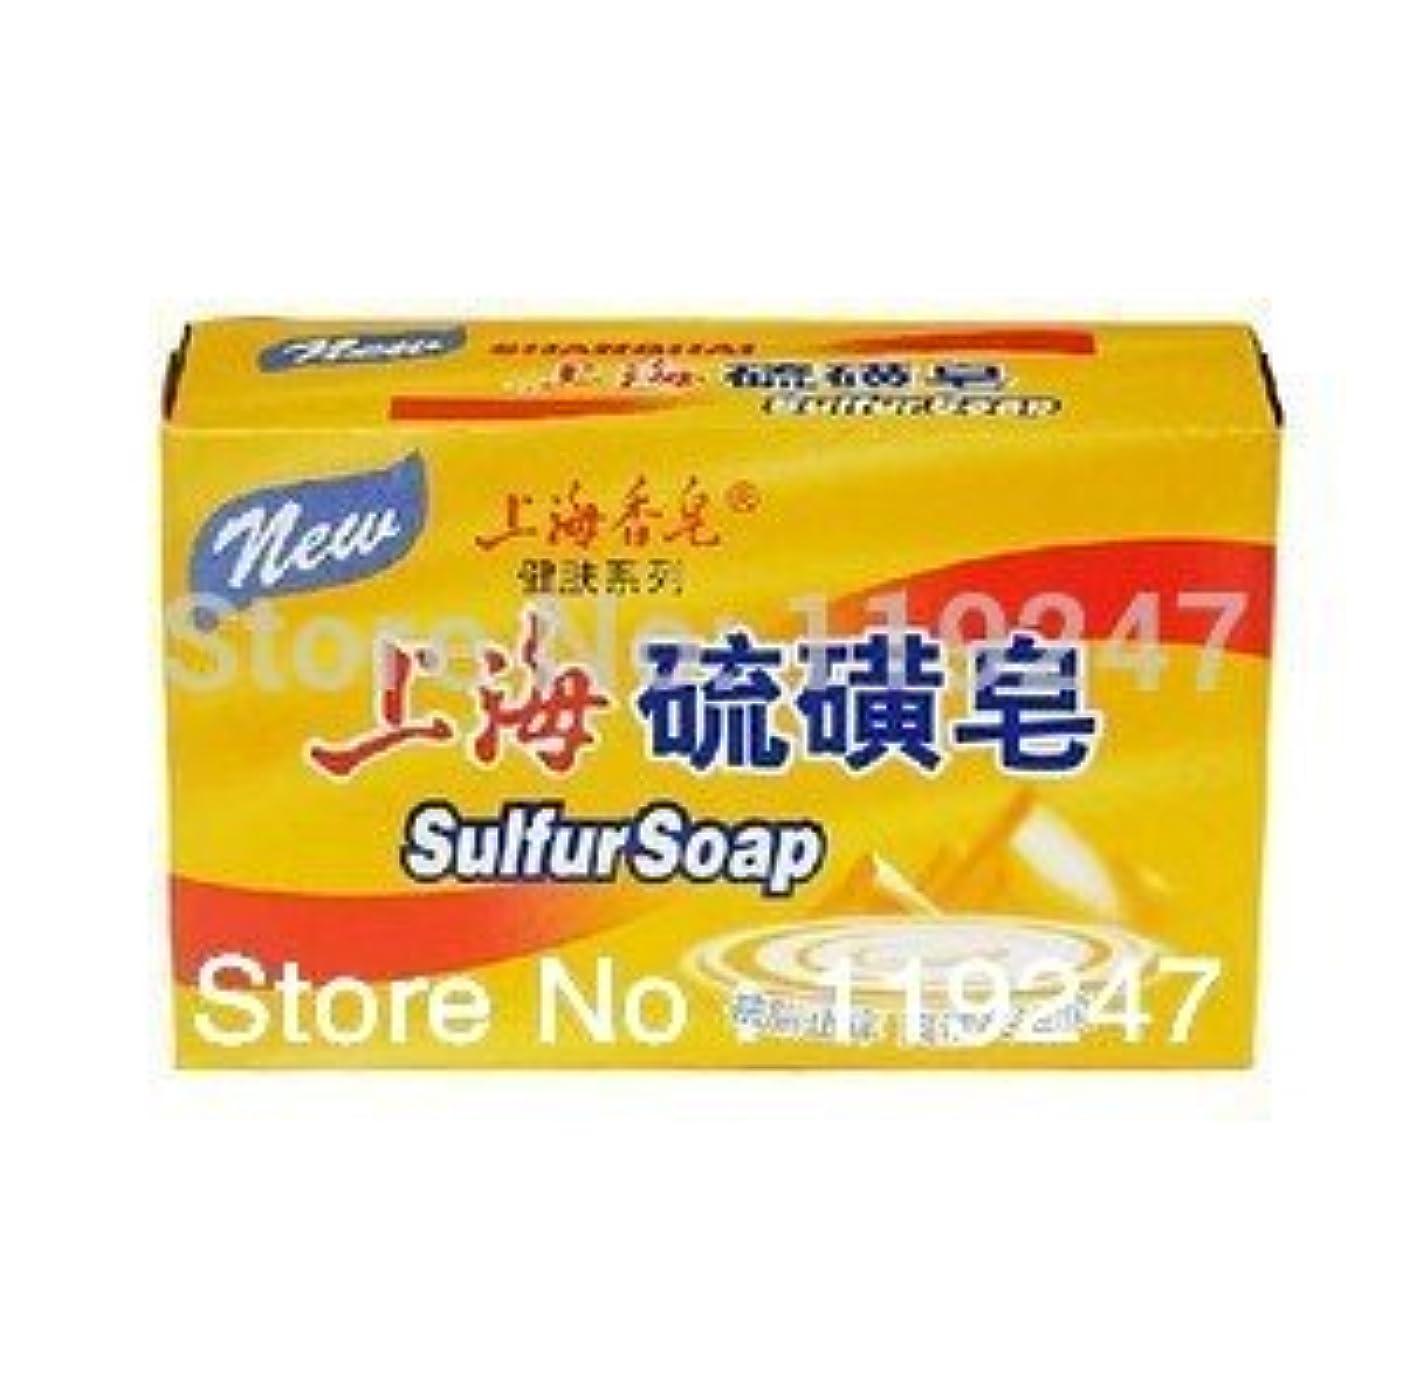 債務鋼セットアップLorny (TM) 上海硫黄石鹸アンチ菌ダニ、ストップかゆみ125グラム格安 [並行輸入品]